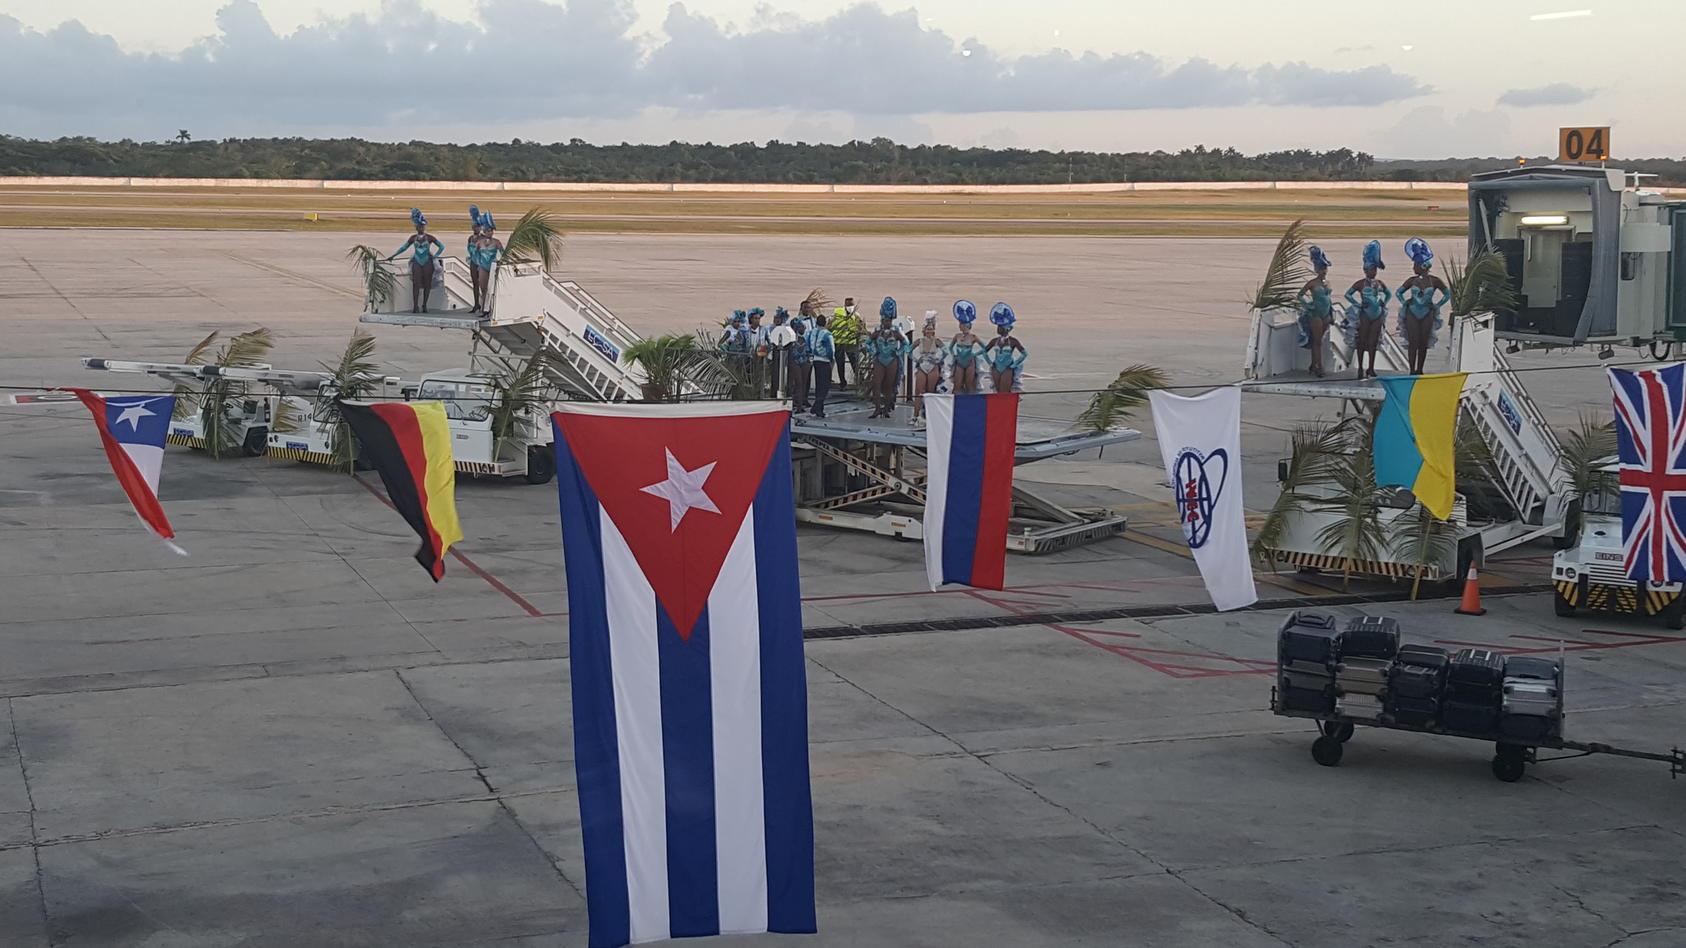 Varadero empfängt wieder Touristen.